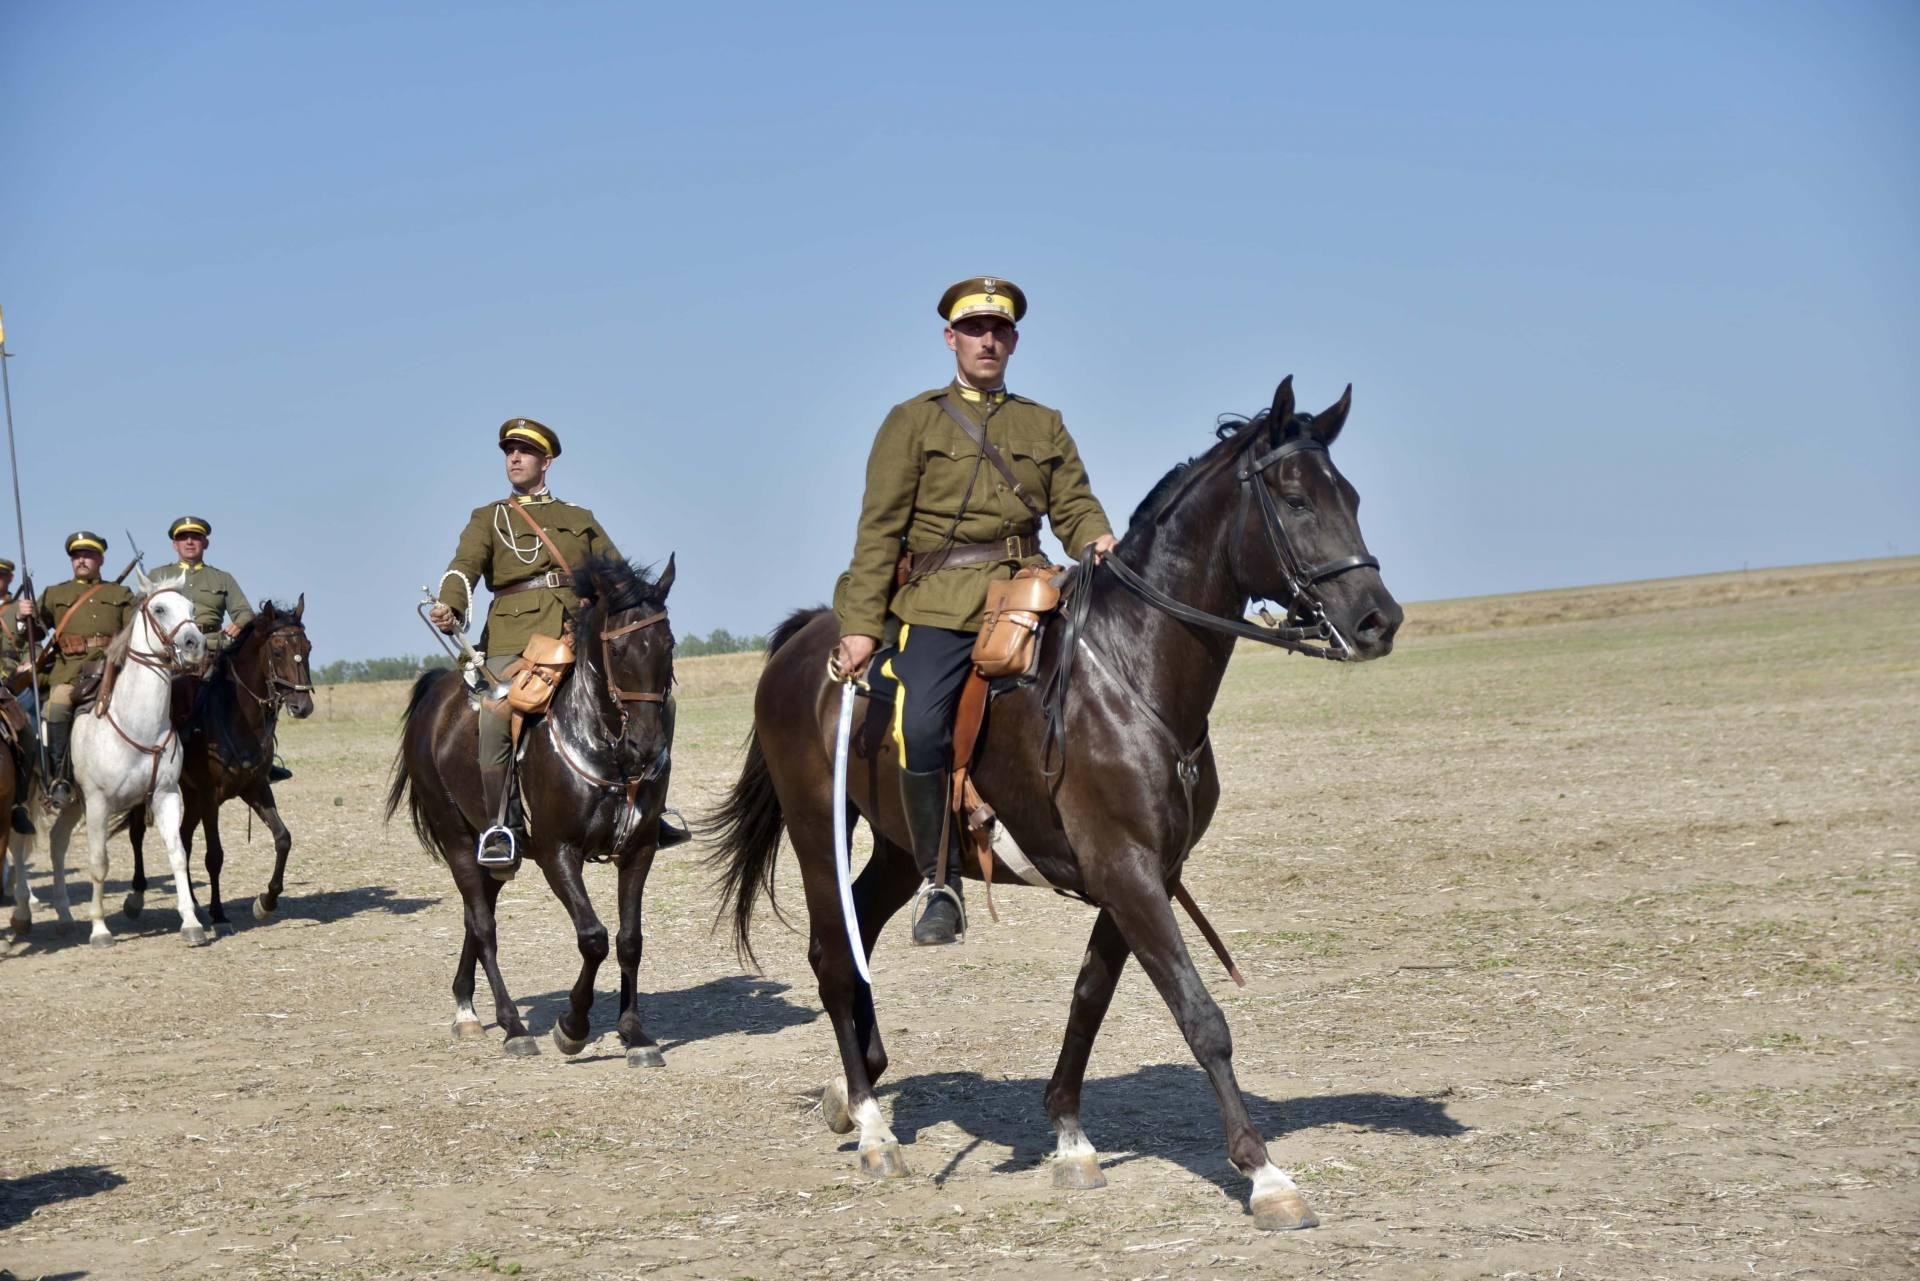 dsc 1149 Czas szabli - 100 rocznica bitwy pod Komarowem(zdjęcia)